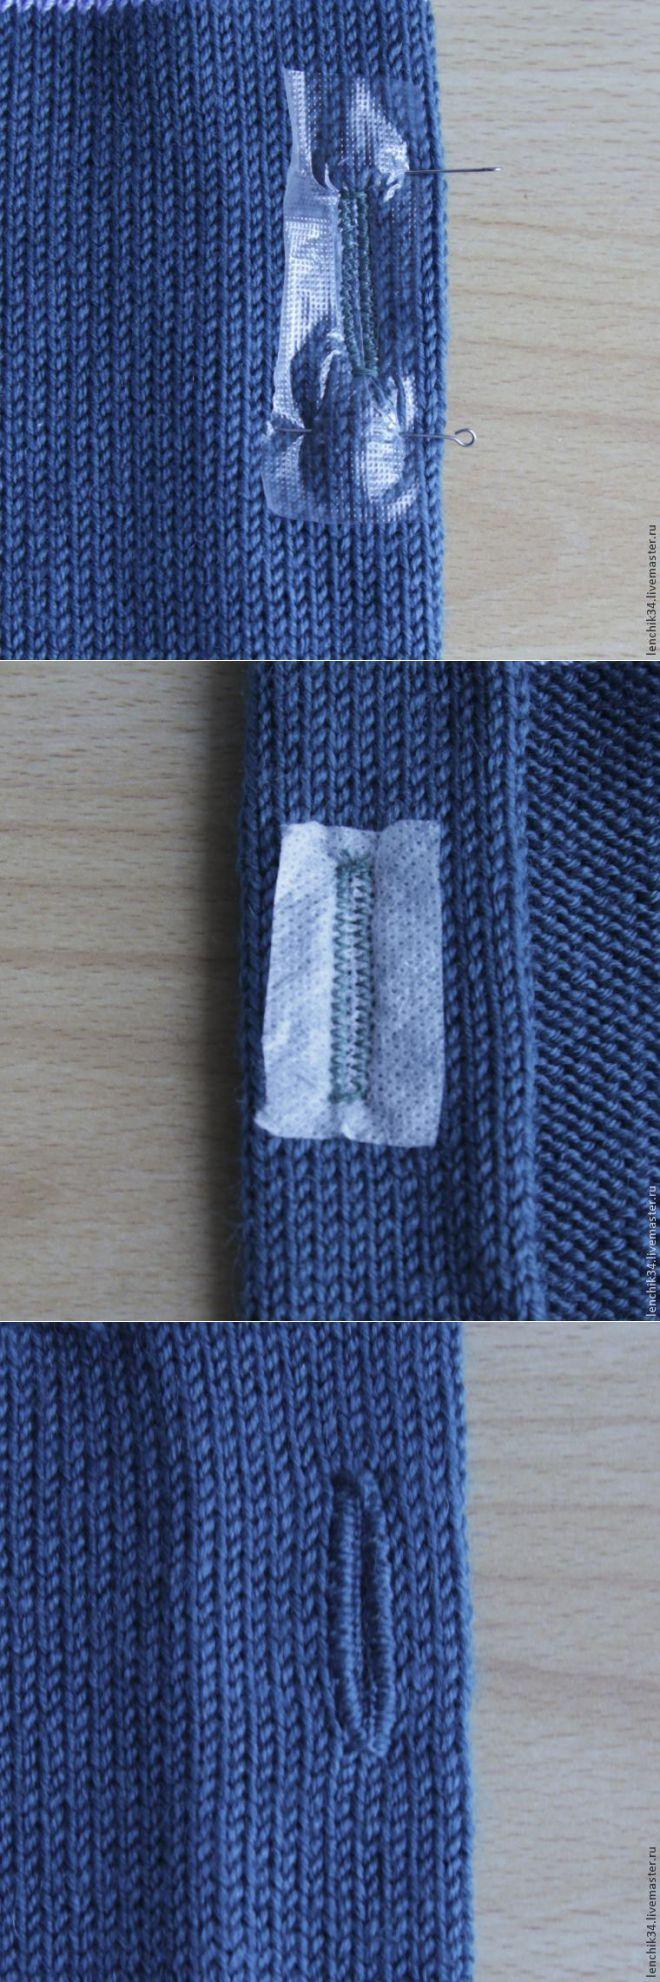 Как поставить петли под пуговицы на вязаных изделиях - Ярмарка Мастеров